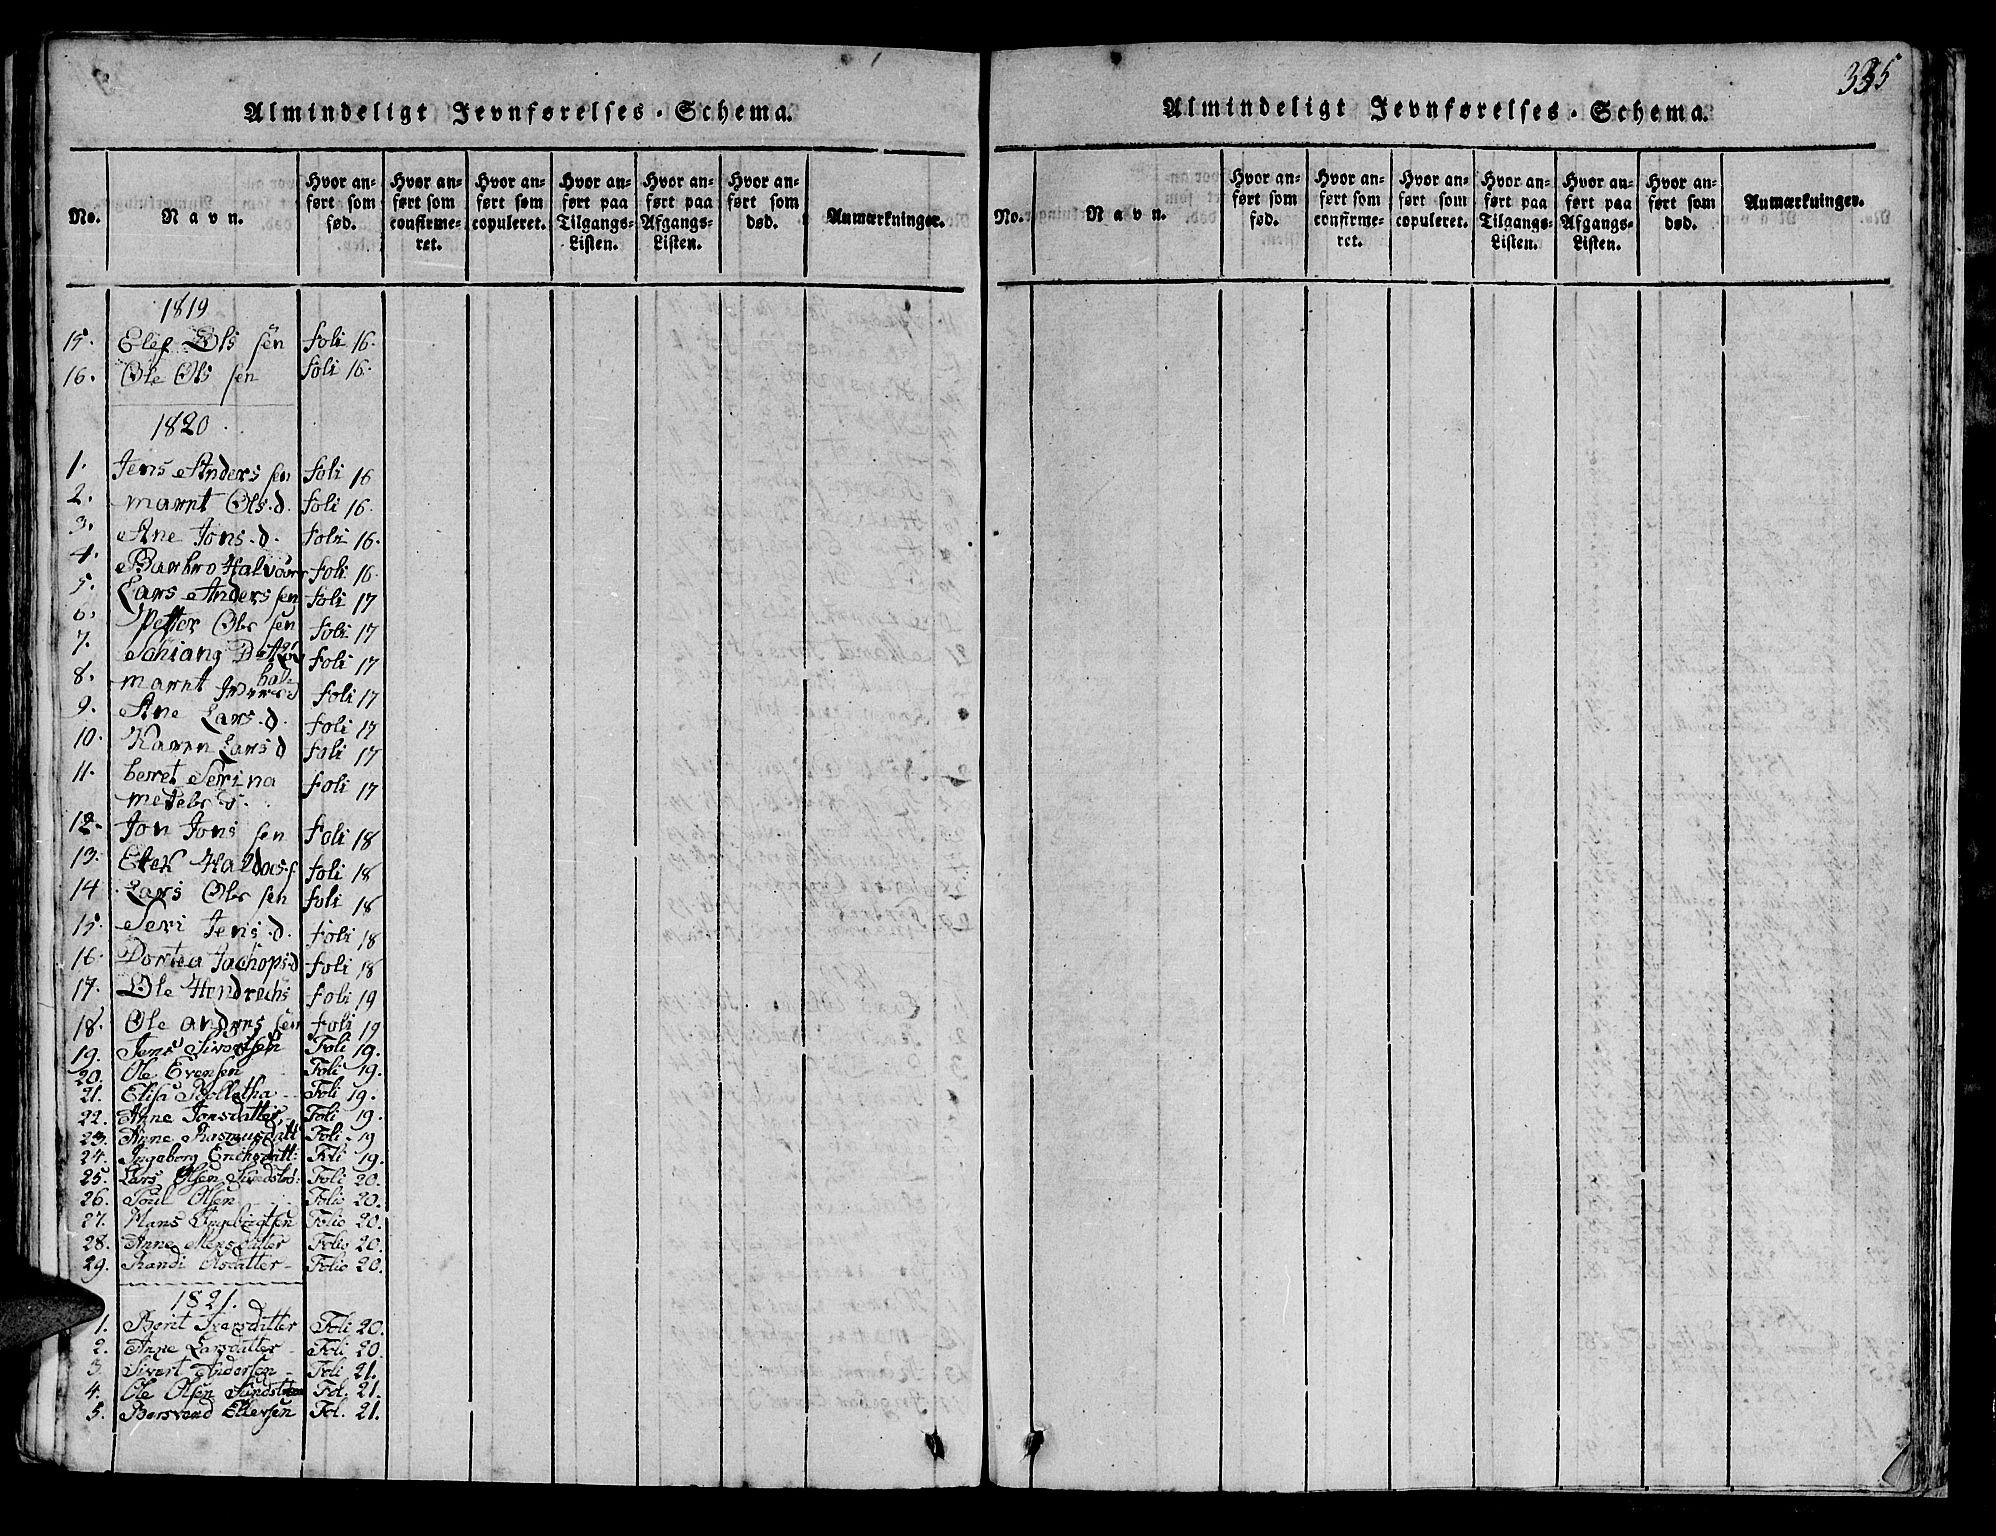 SAT, Ministerialprotokoller, klokkerbøker og fødselsregistre - Sør-Trøndelag, 613/L0393: Klokkerbok nr. 613C01, 1816-1886, s. 385